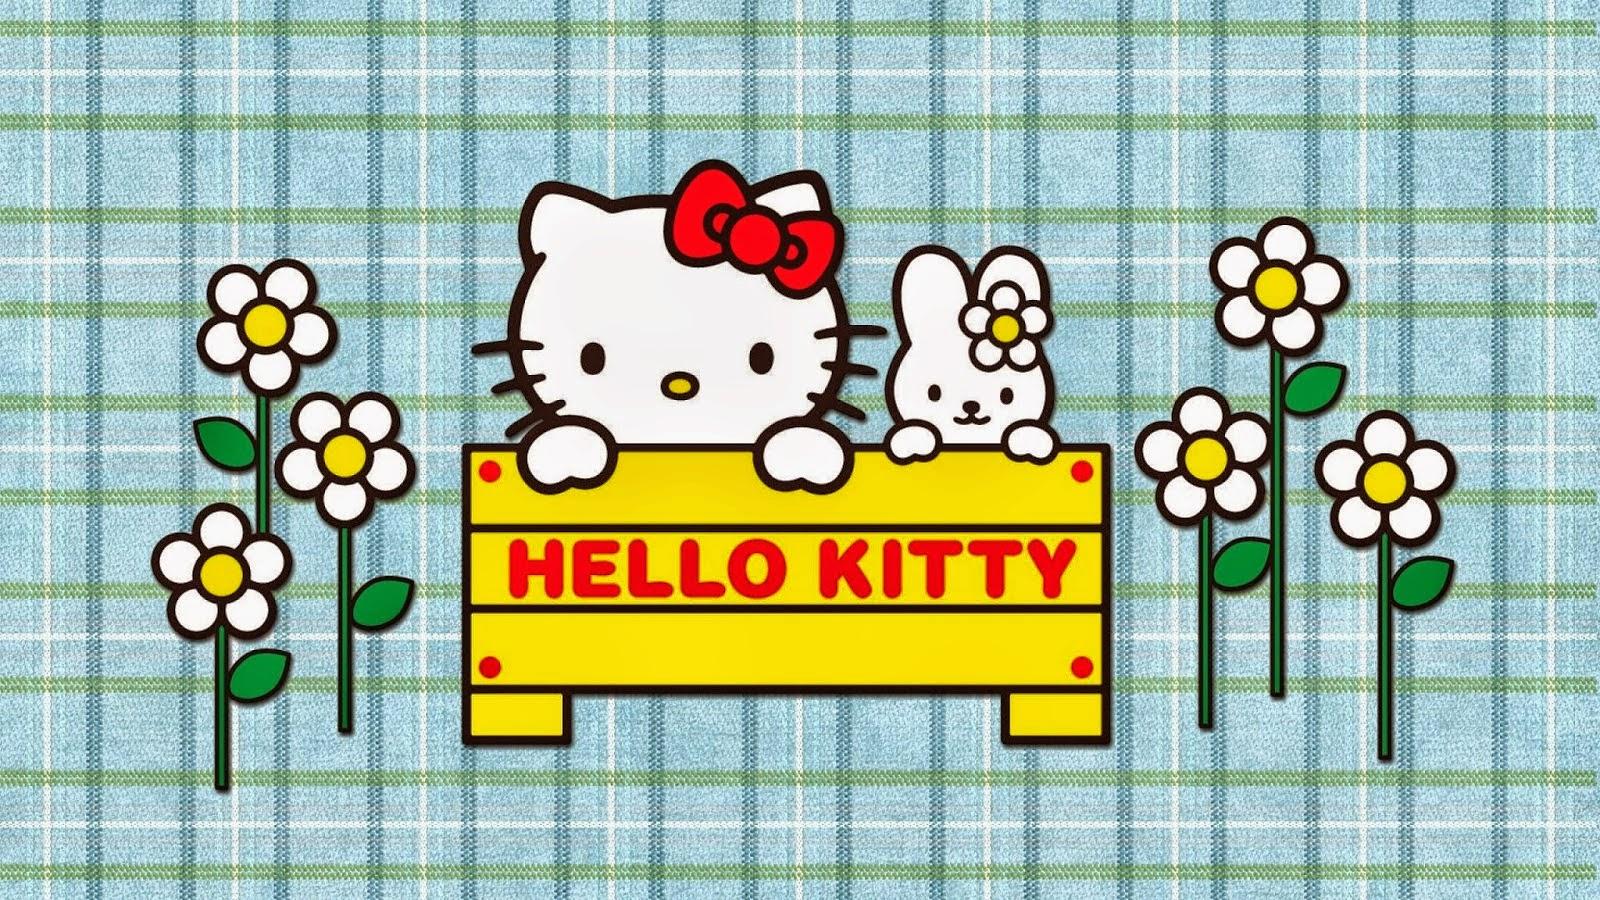 tải hình hello kitty siêu cute